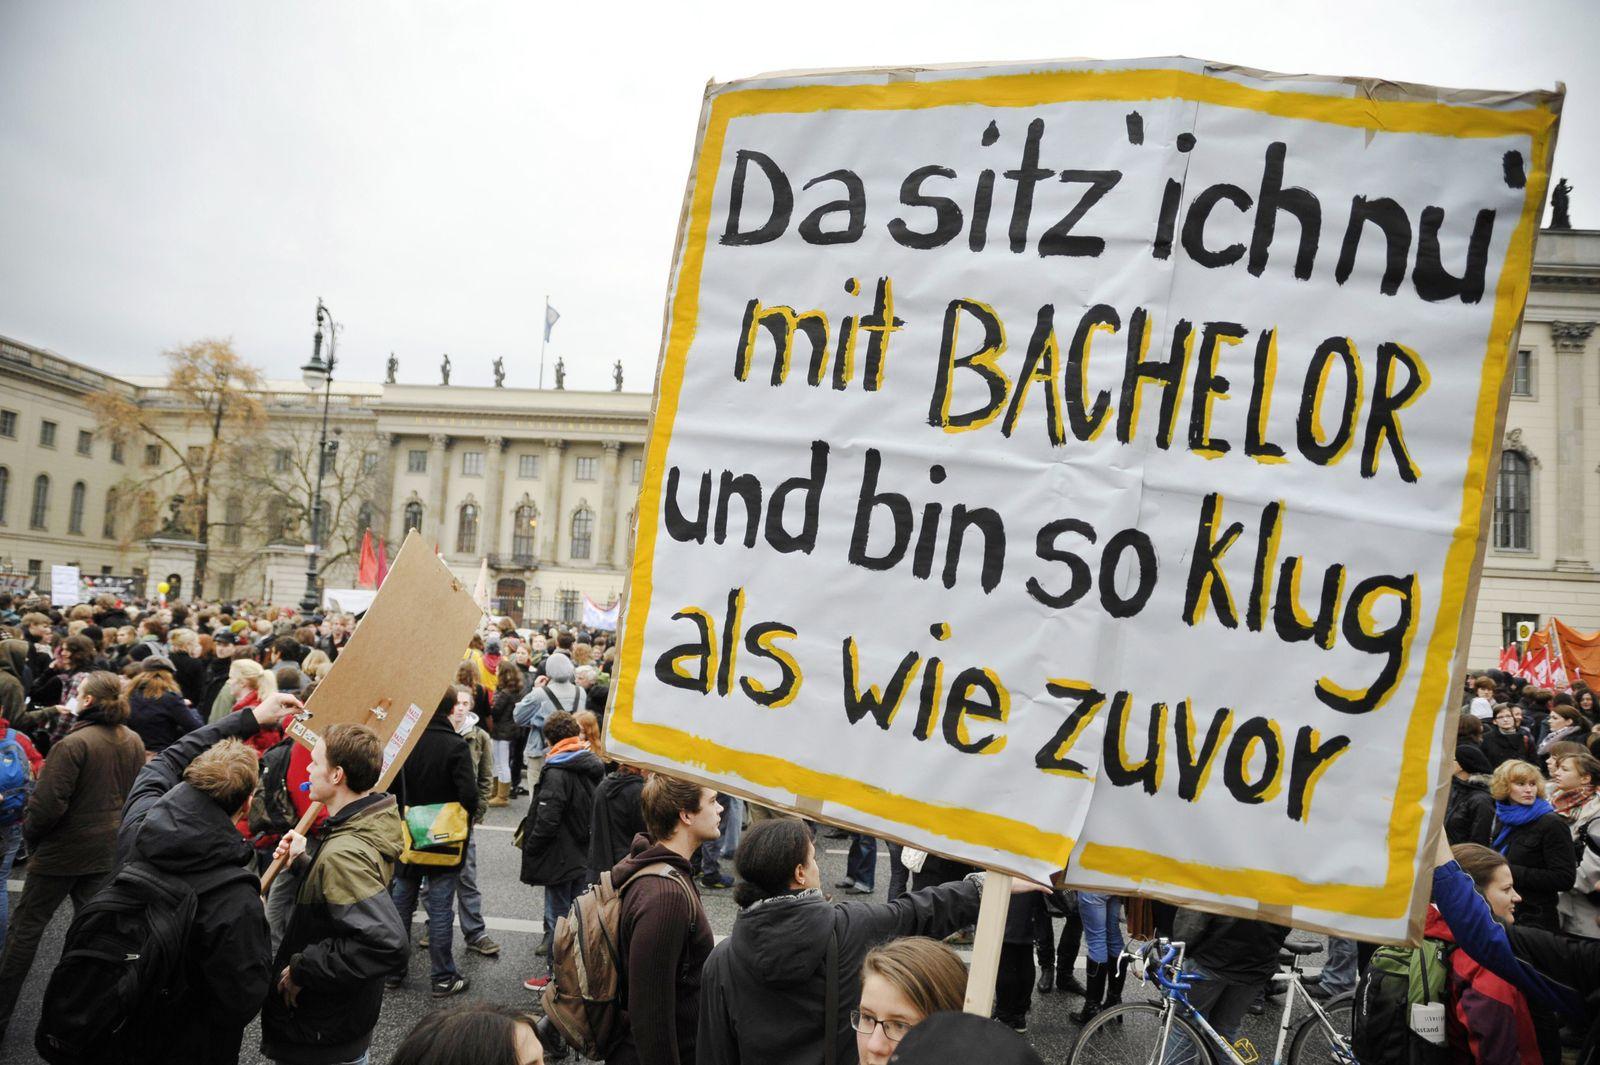 Bachelor / Bildungsstreik / Studenten